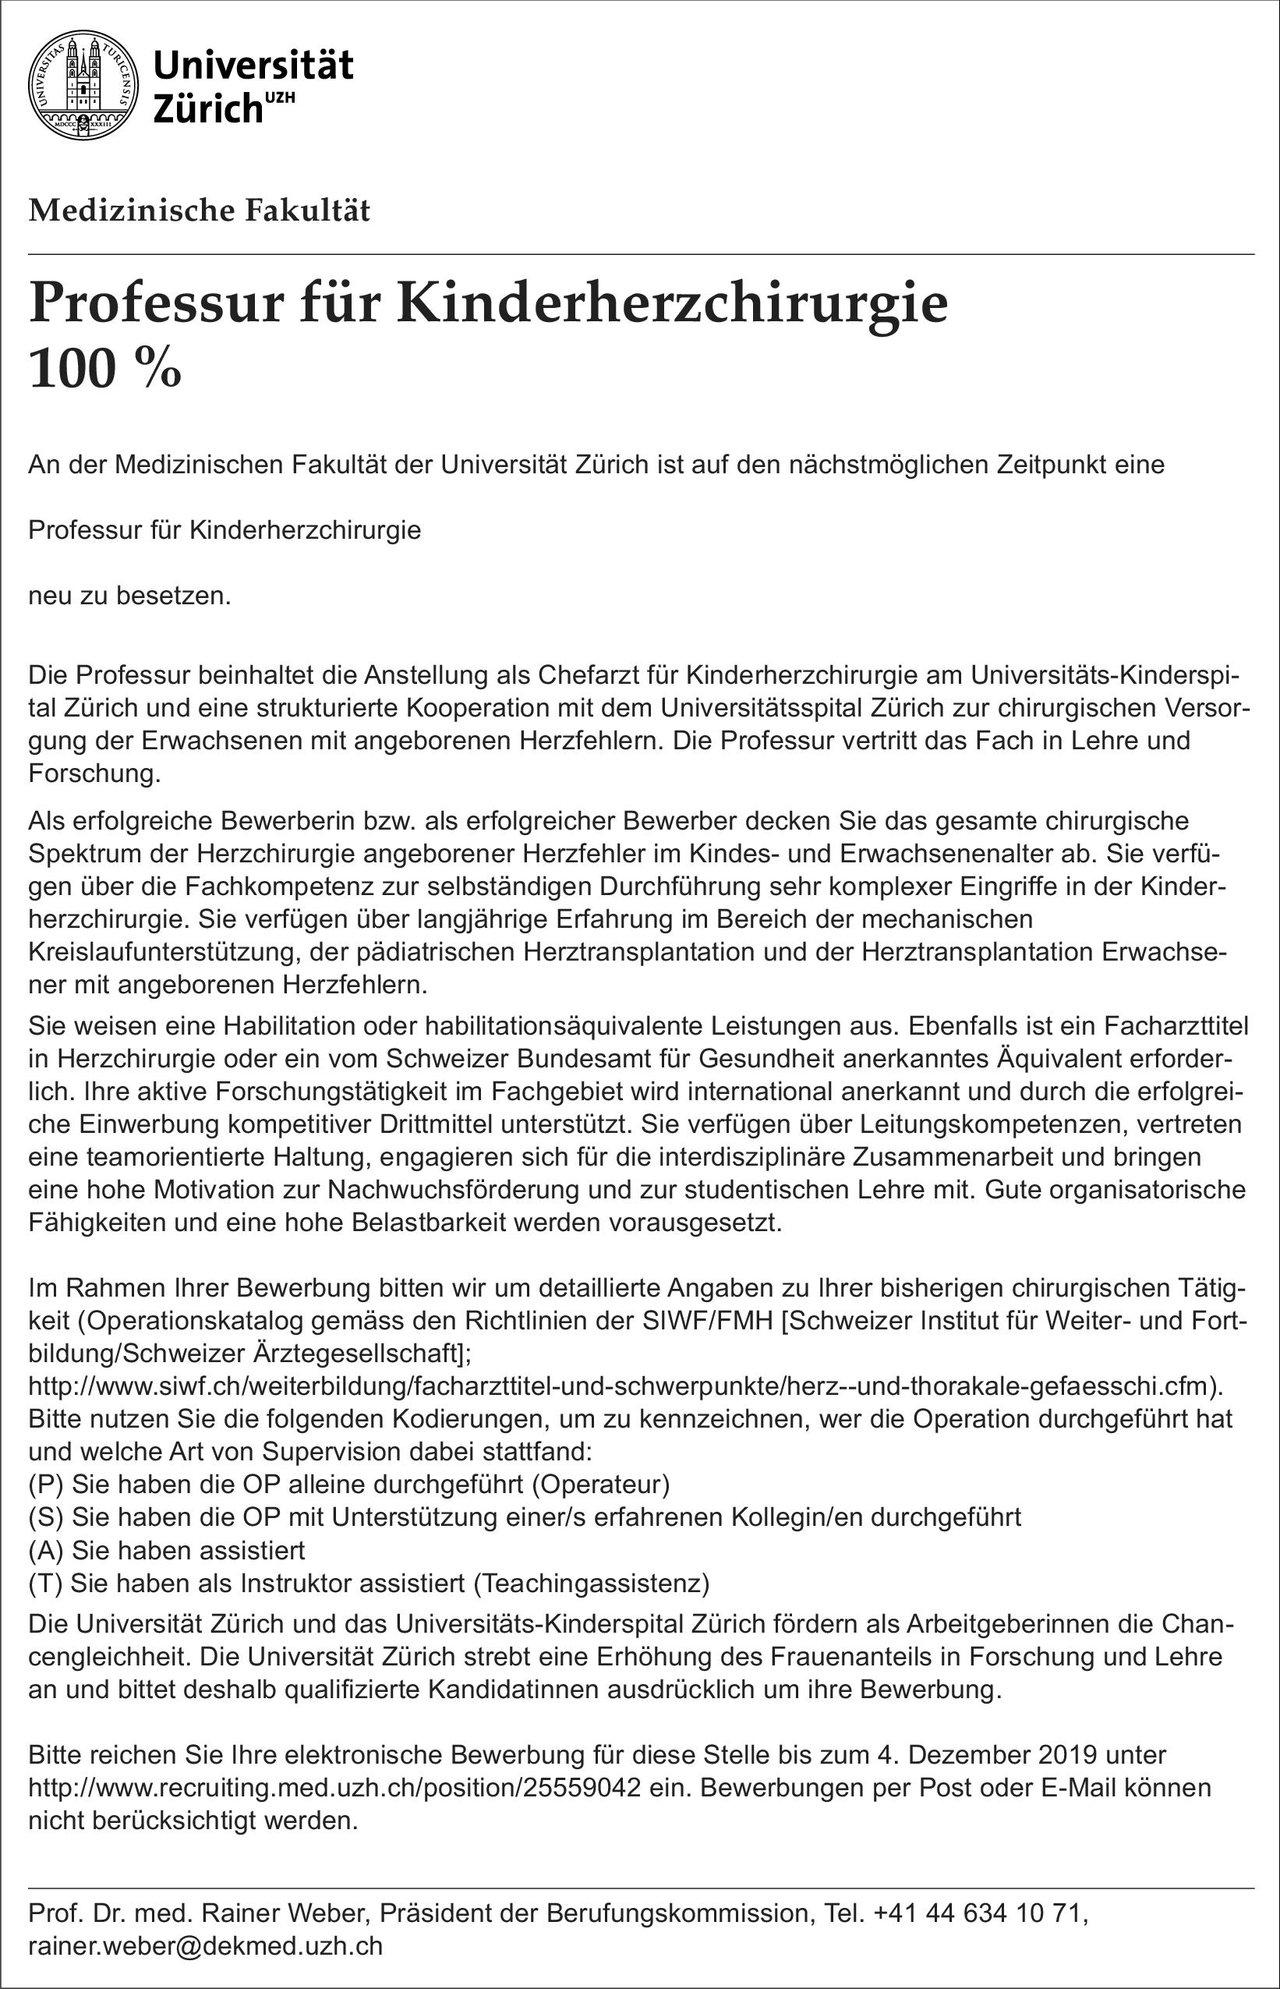 Universität Zürich Professur für Kinderherzchirurgie 100%  Herzchirurgie, Kinderchirurgie, Chirurgie Chefarzt